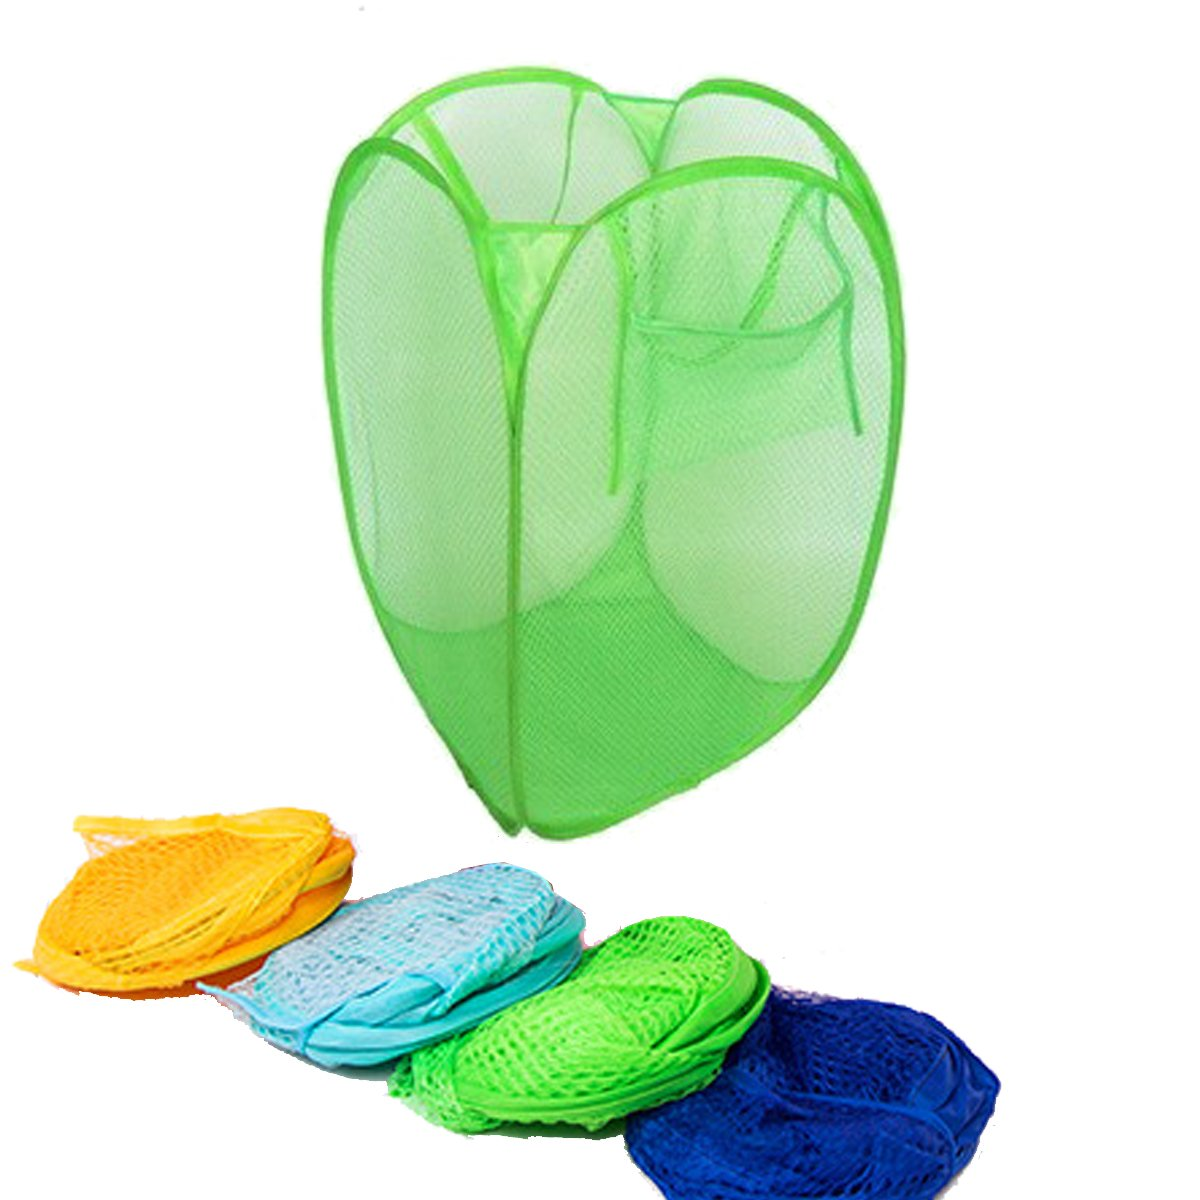 Korb flach Receiving Korb f/ür Kleidung Spielzeug Aufbewahrung blau Tpocean Faltbare Mesh Pop-Up-W/äschekorb